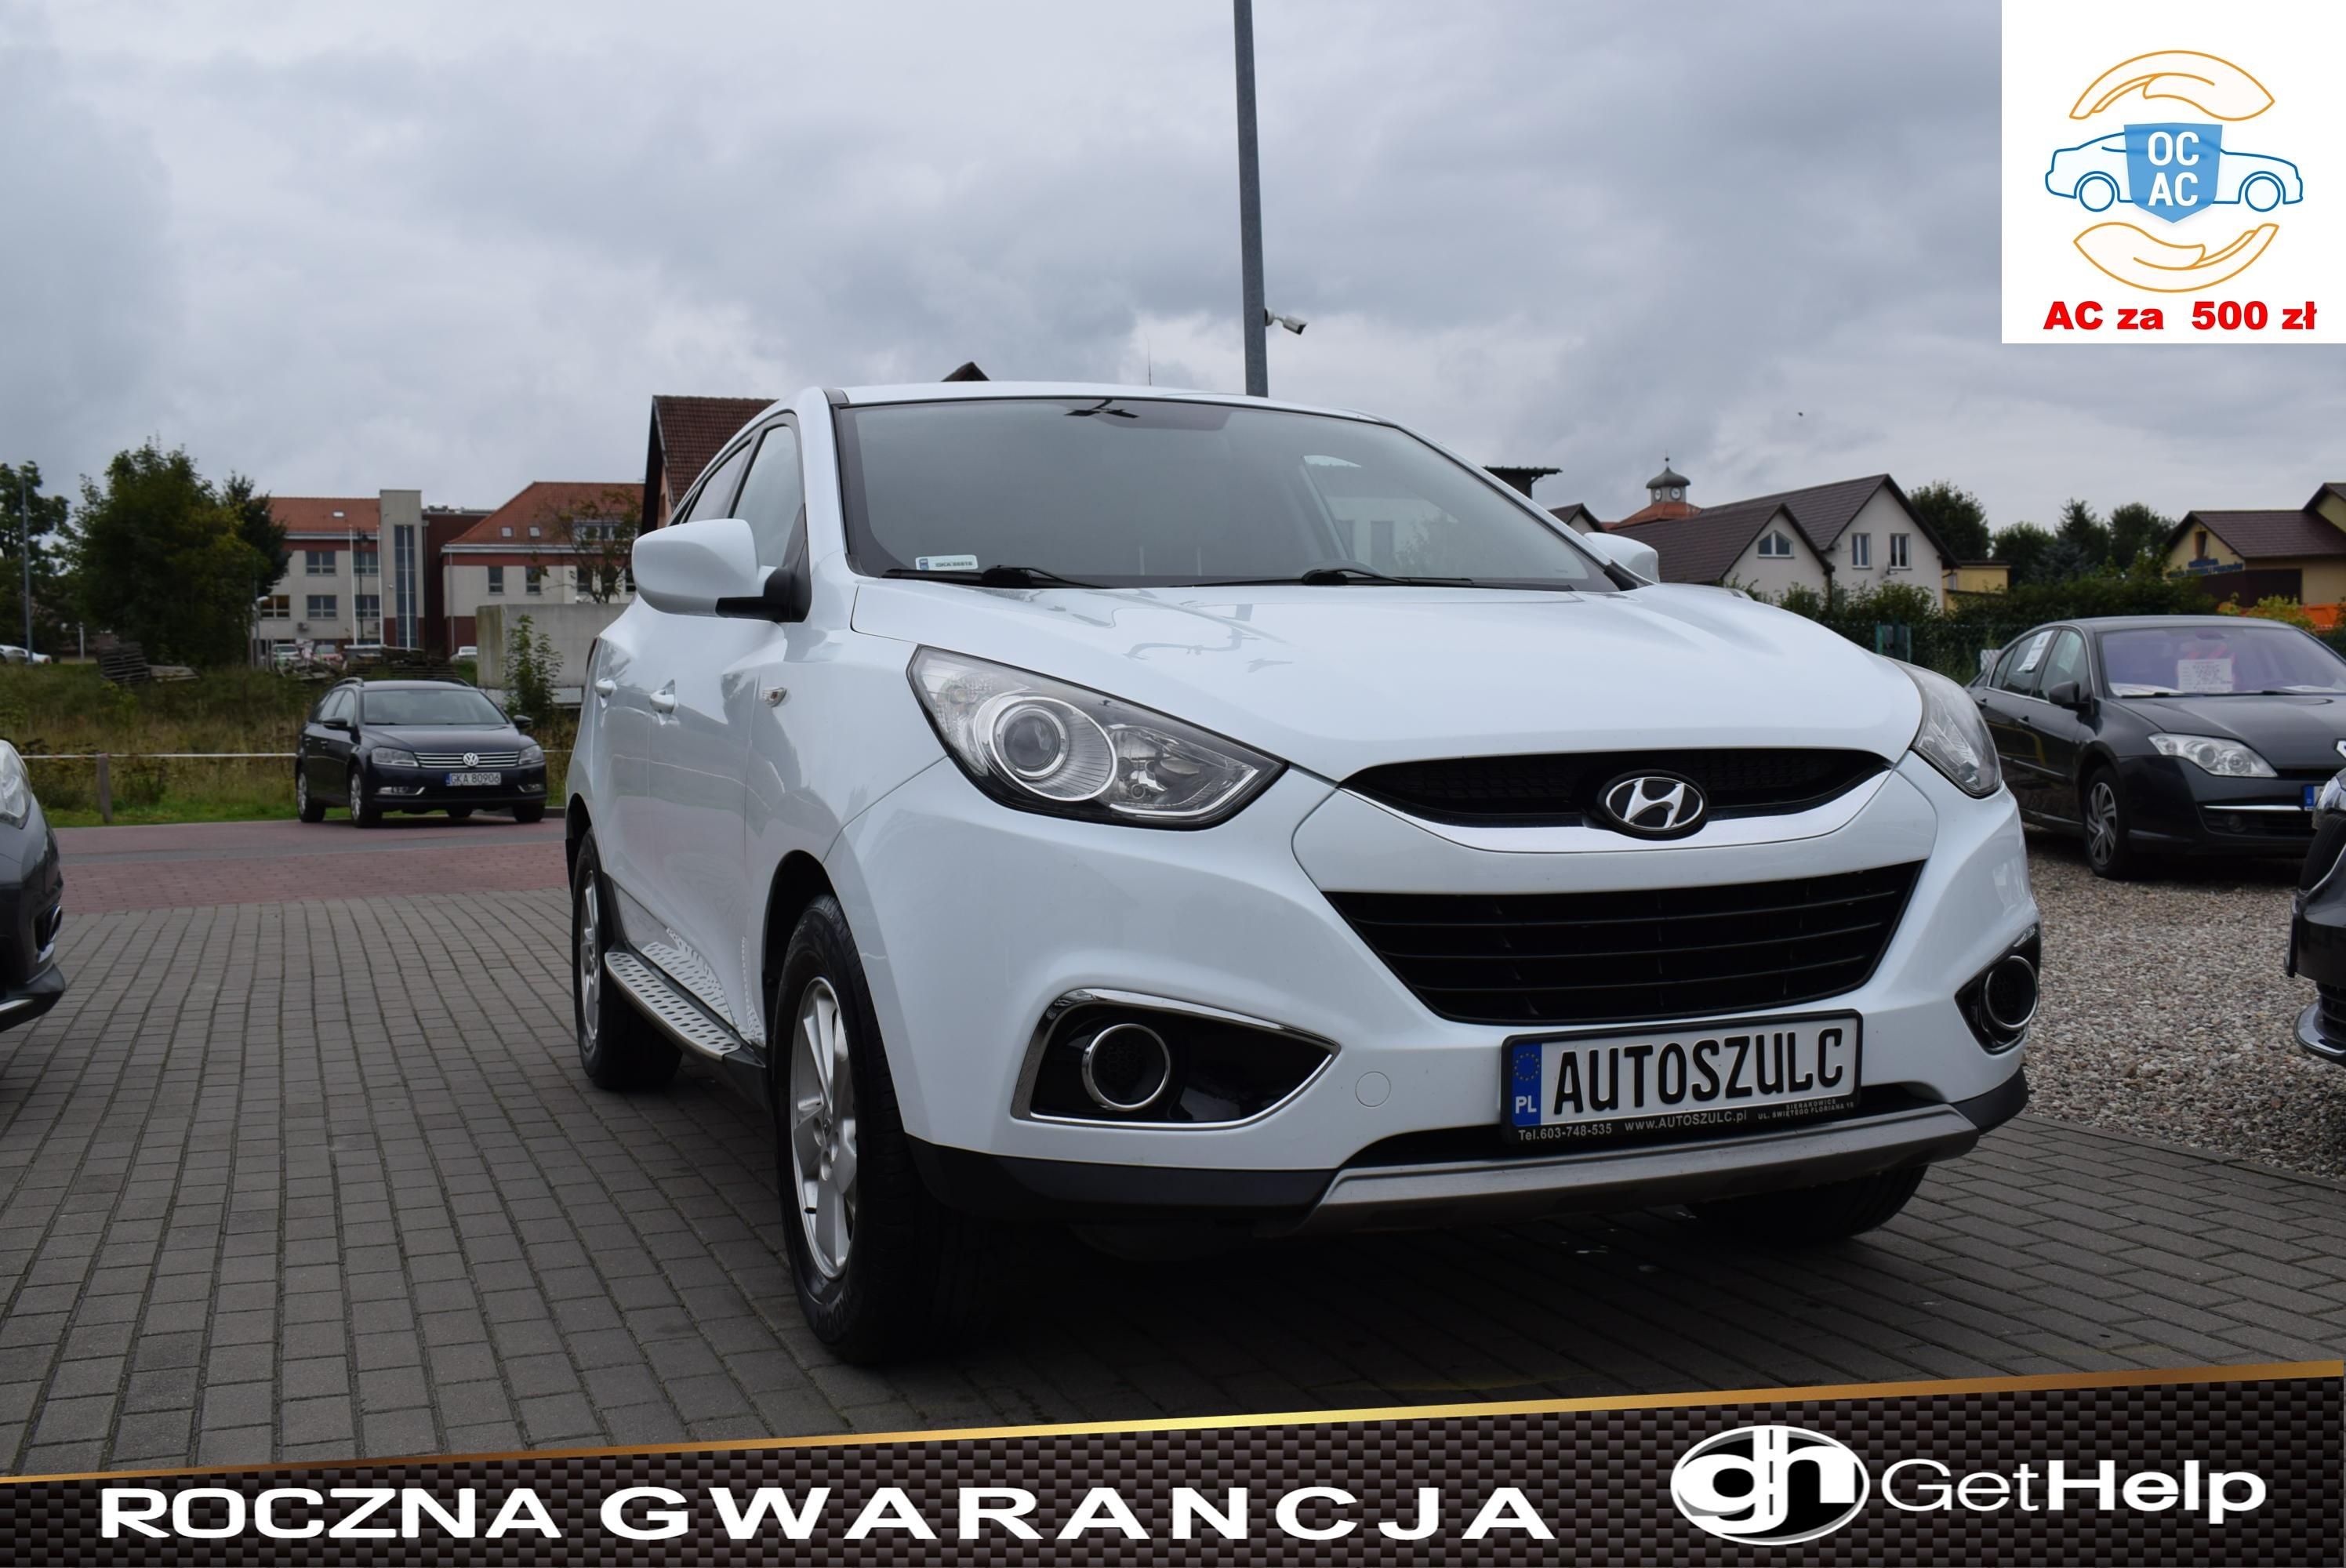 Hyundai IX-35 1.7 CRDI, Biała perła, Zarejestrowany, Opłacony, Kamera cofania, Nawigacja, Opłacony, Rok Gwarancji